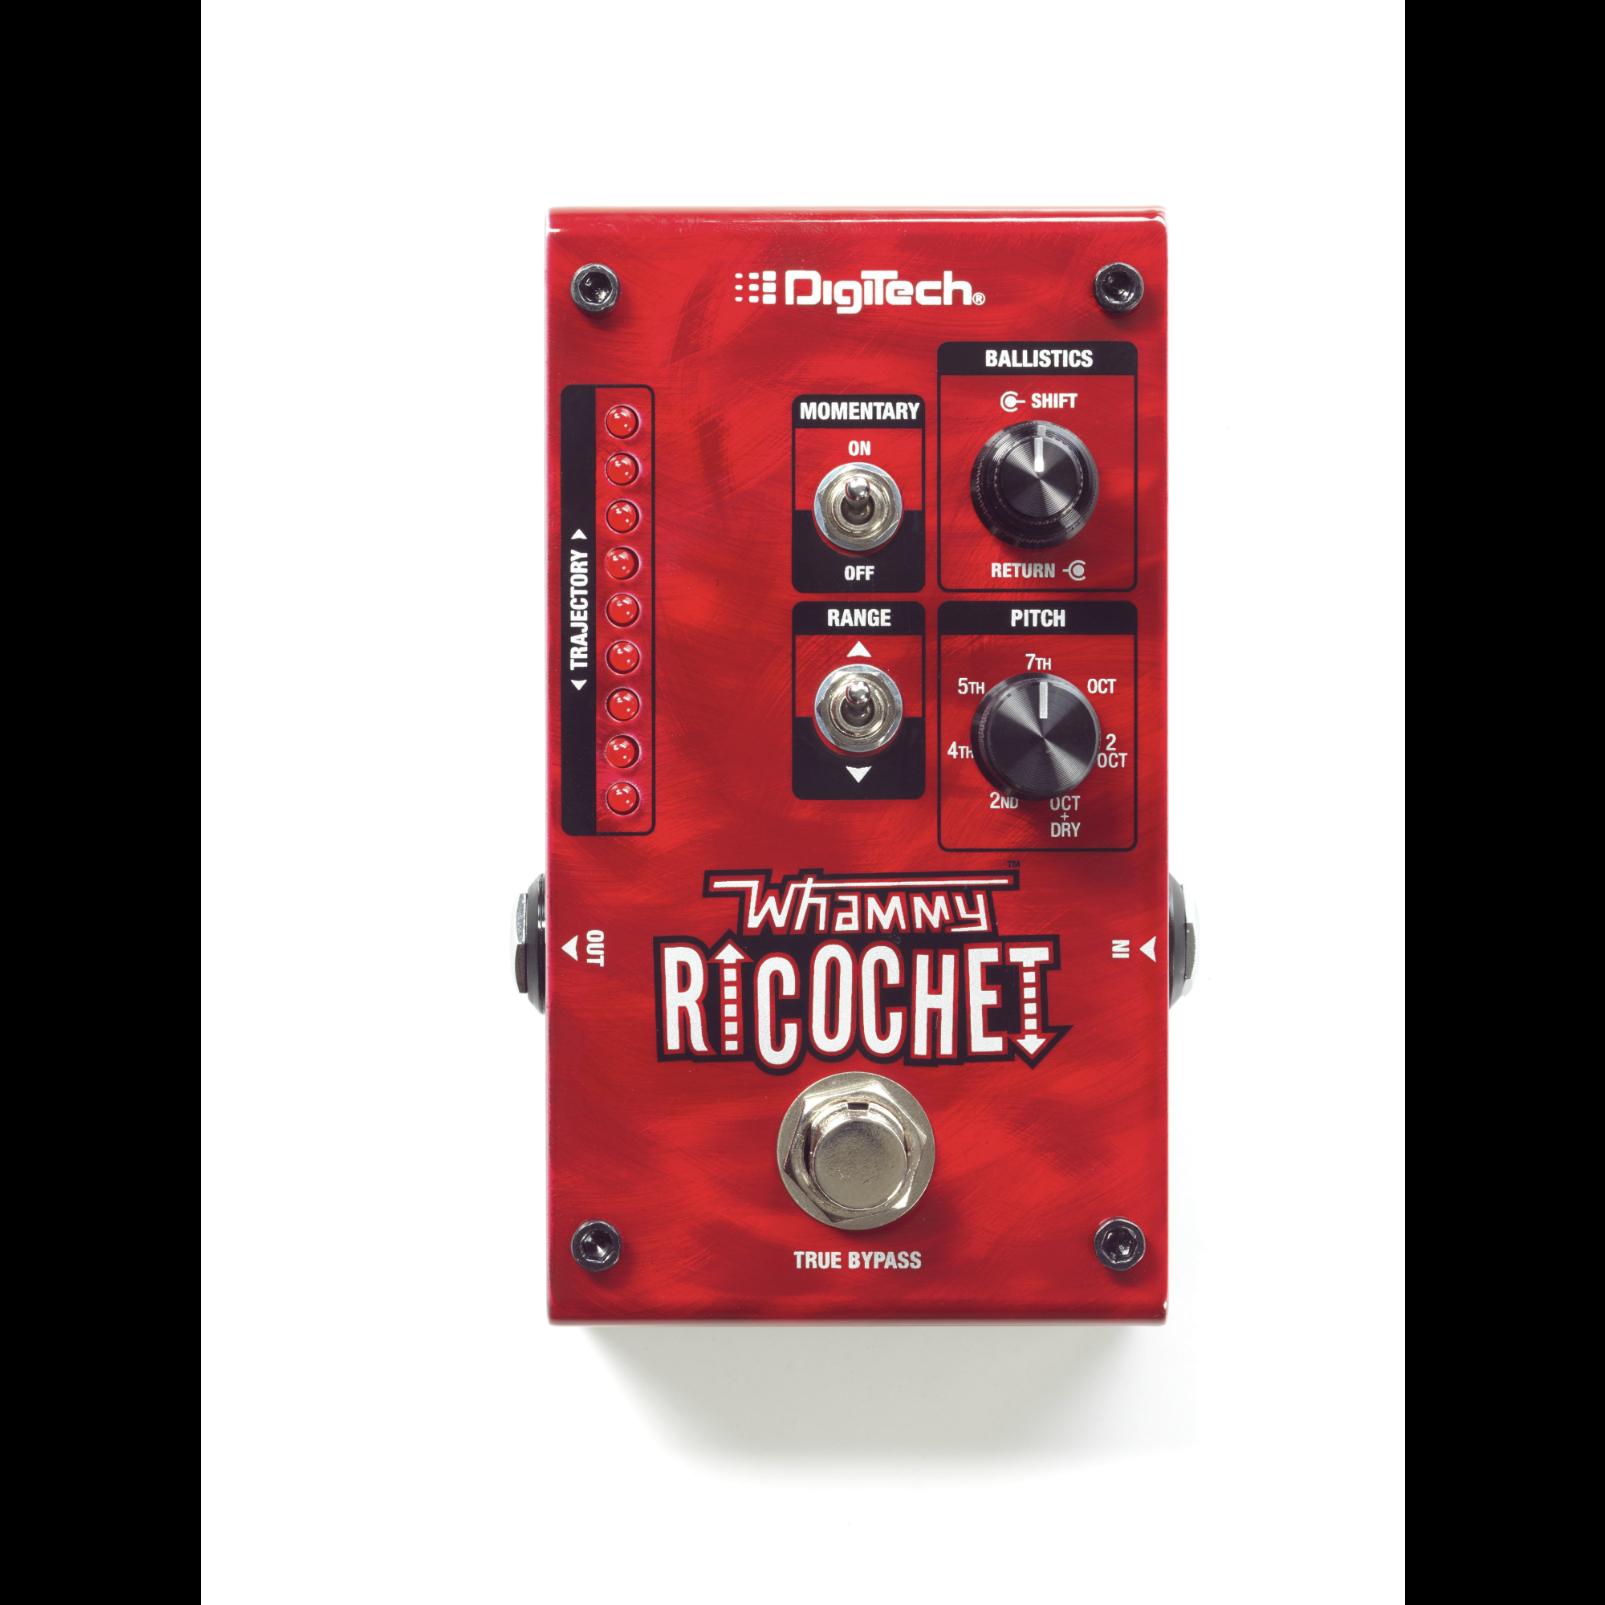 Whammy Ricochet